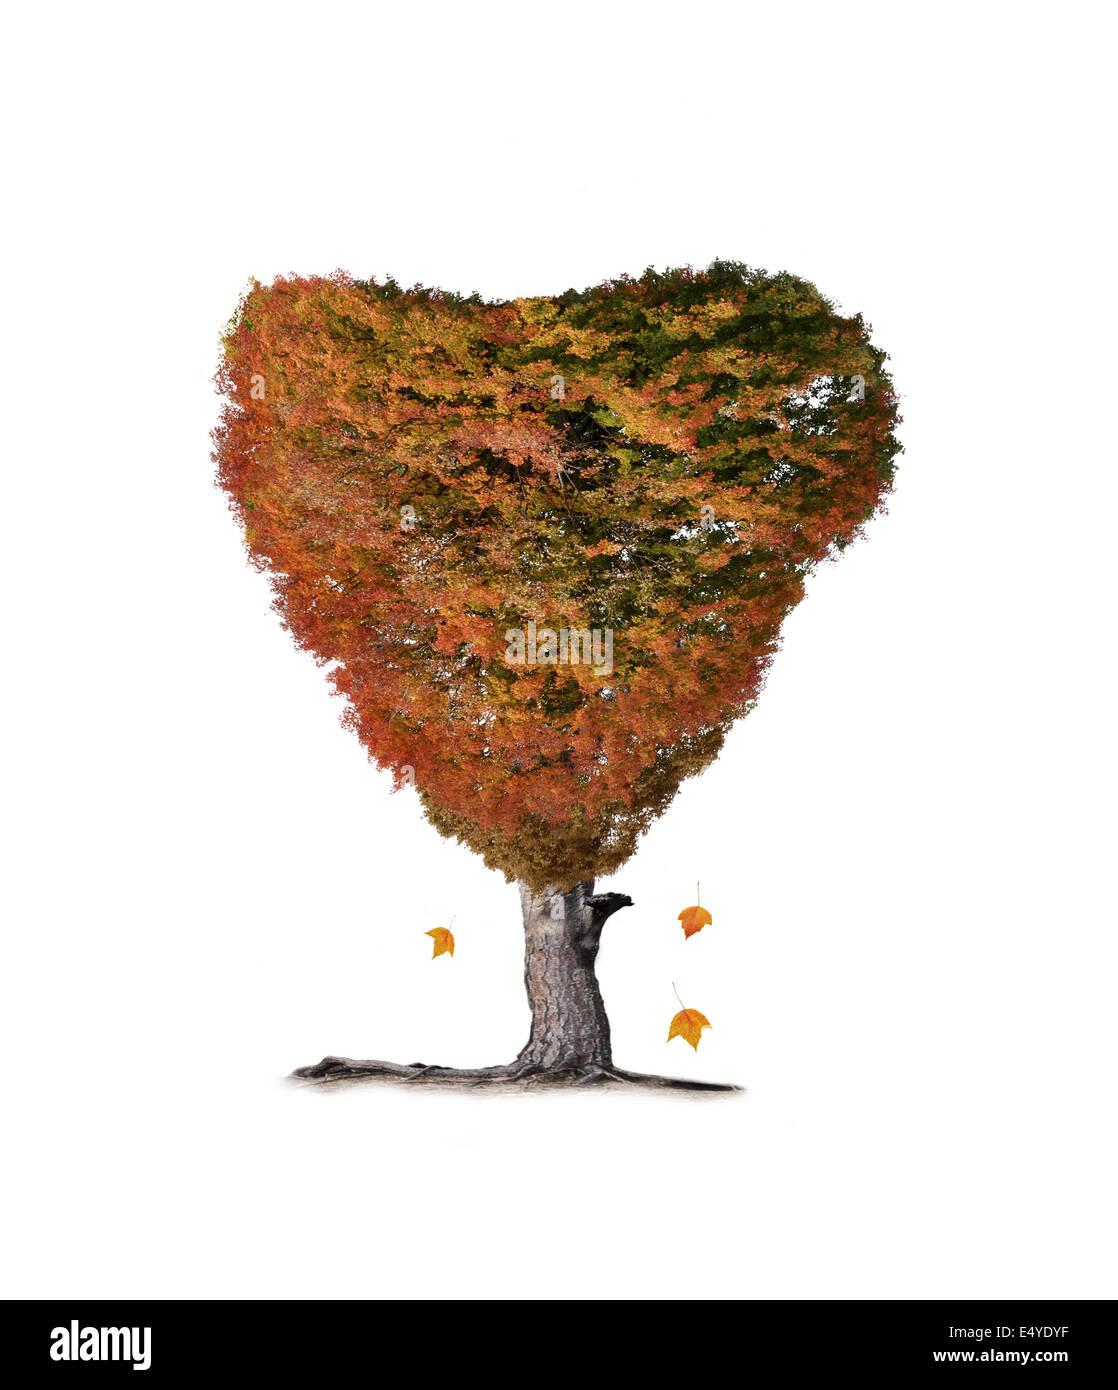 Arbre automne coloré Photo Stock